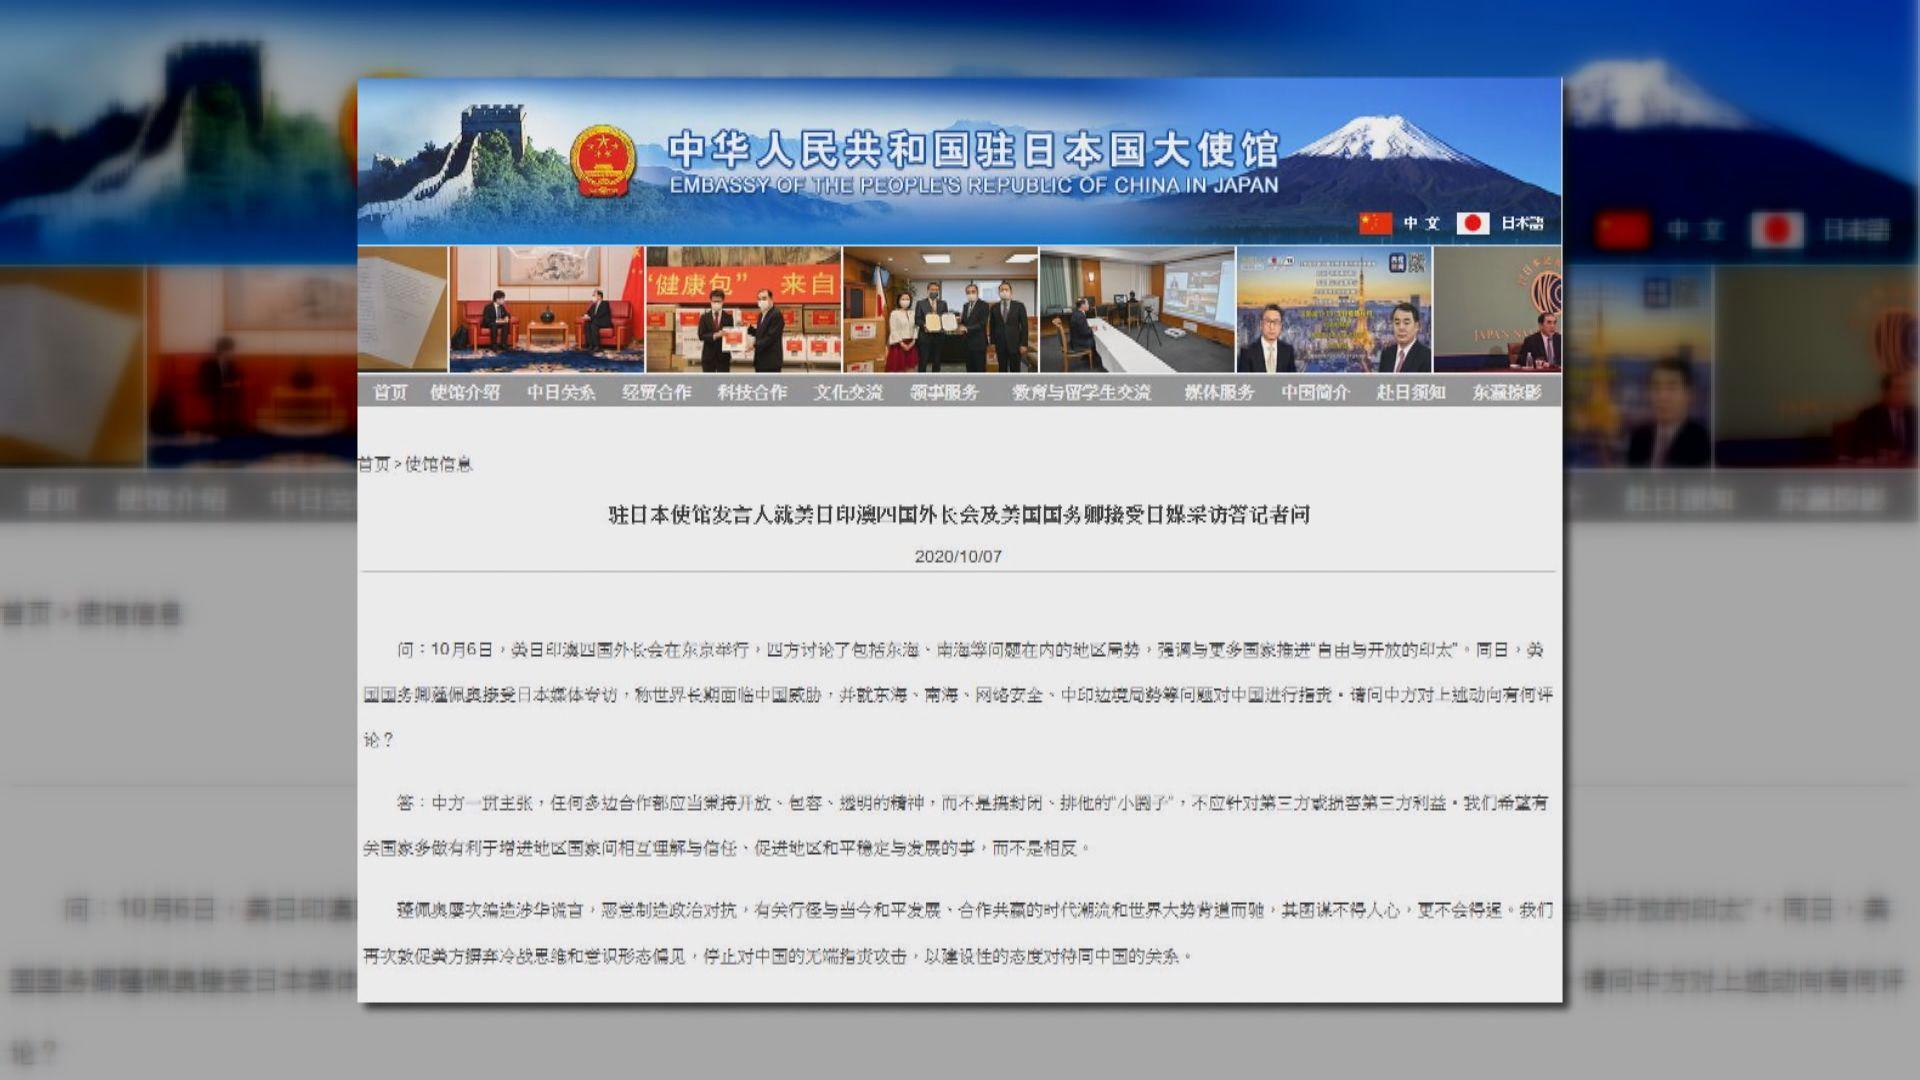 中國駐日本大使館回應蓬佩奧言論 敦促停止無端攻擊